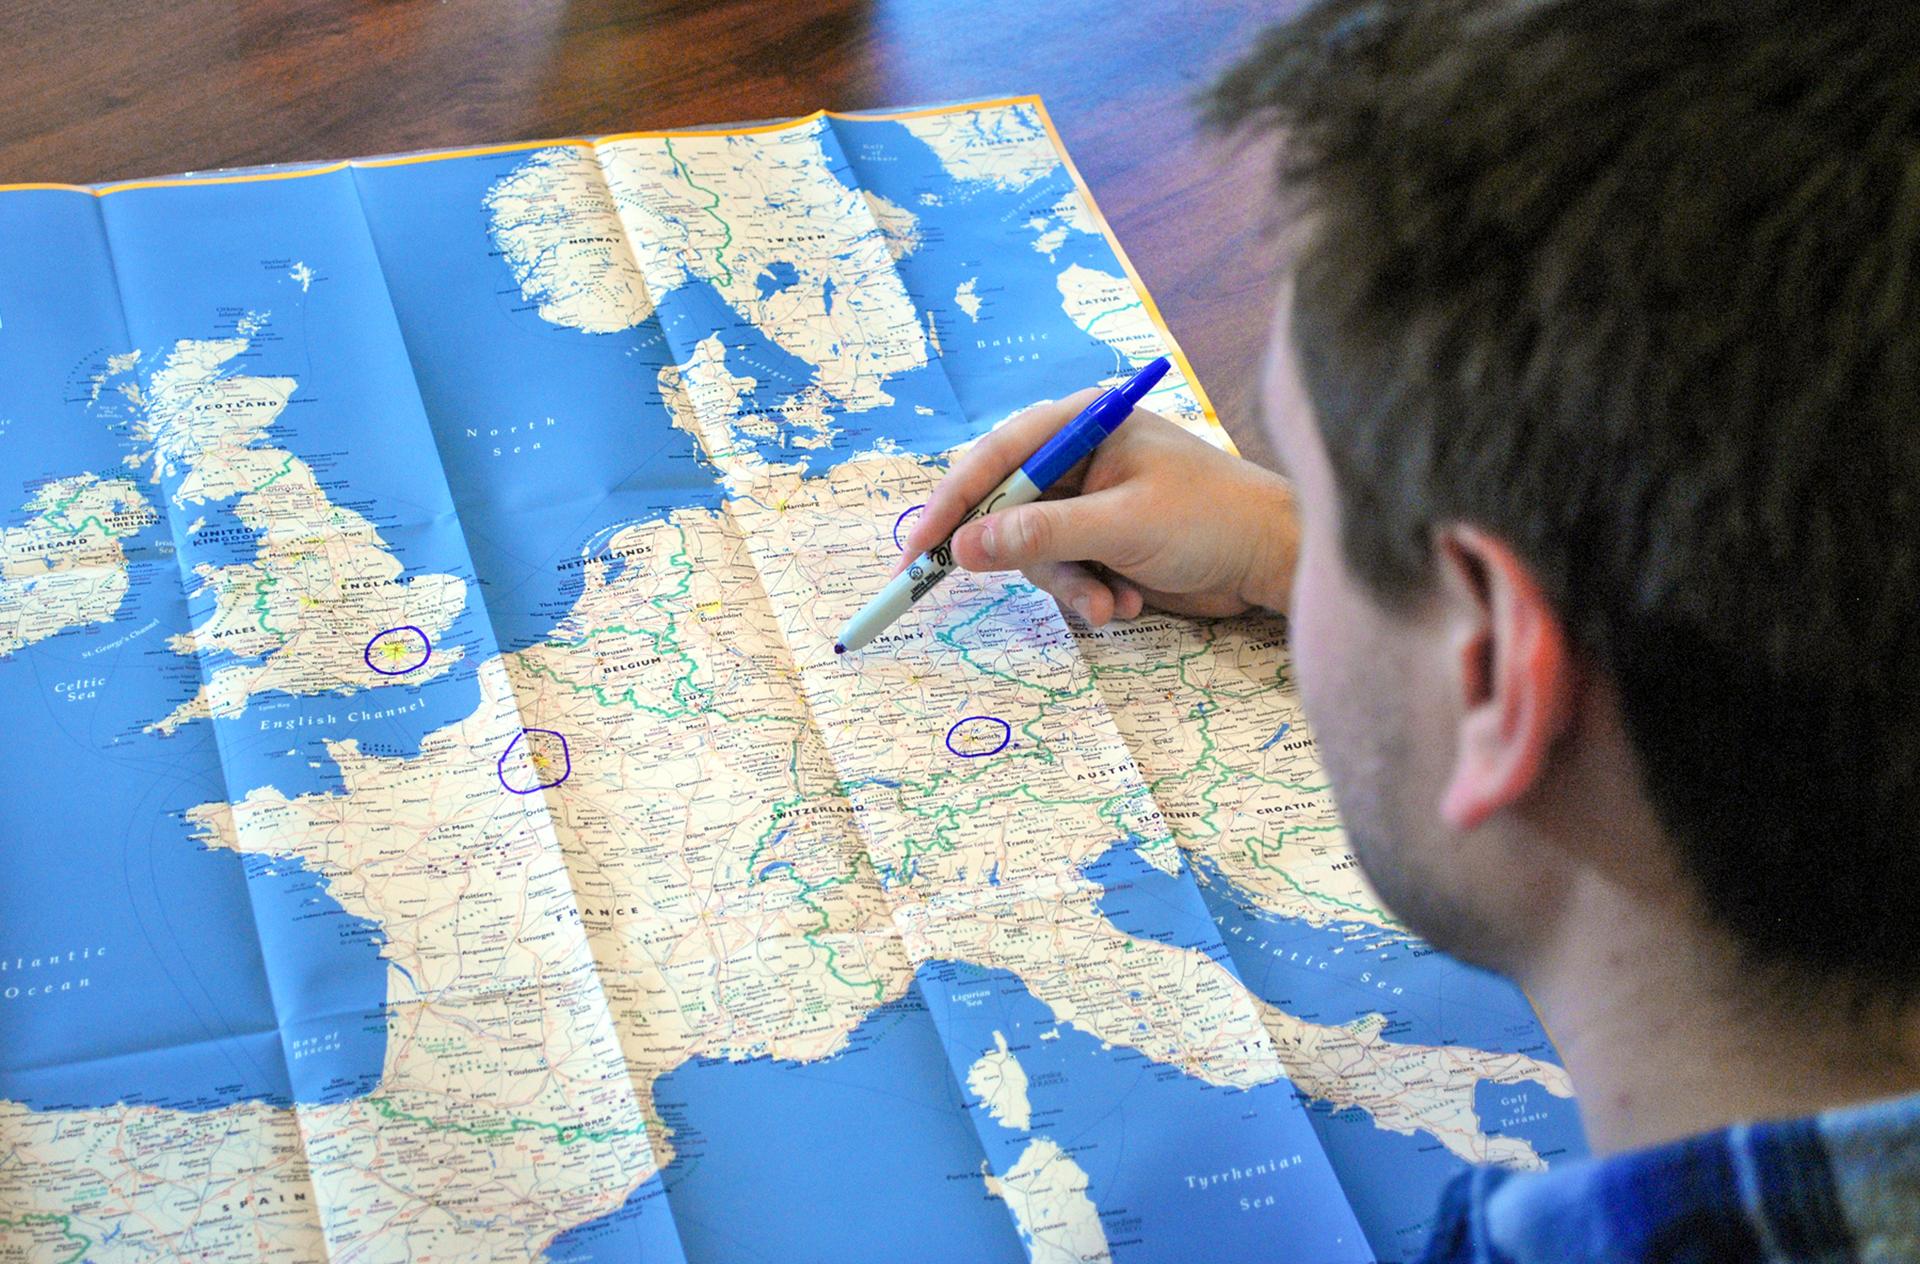 RICK STEVES' EUROPEAN TRAVEL TIPS AND TRICKS